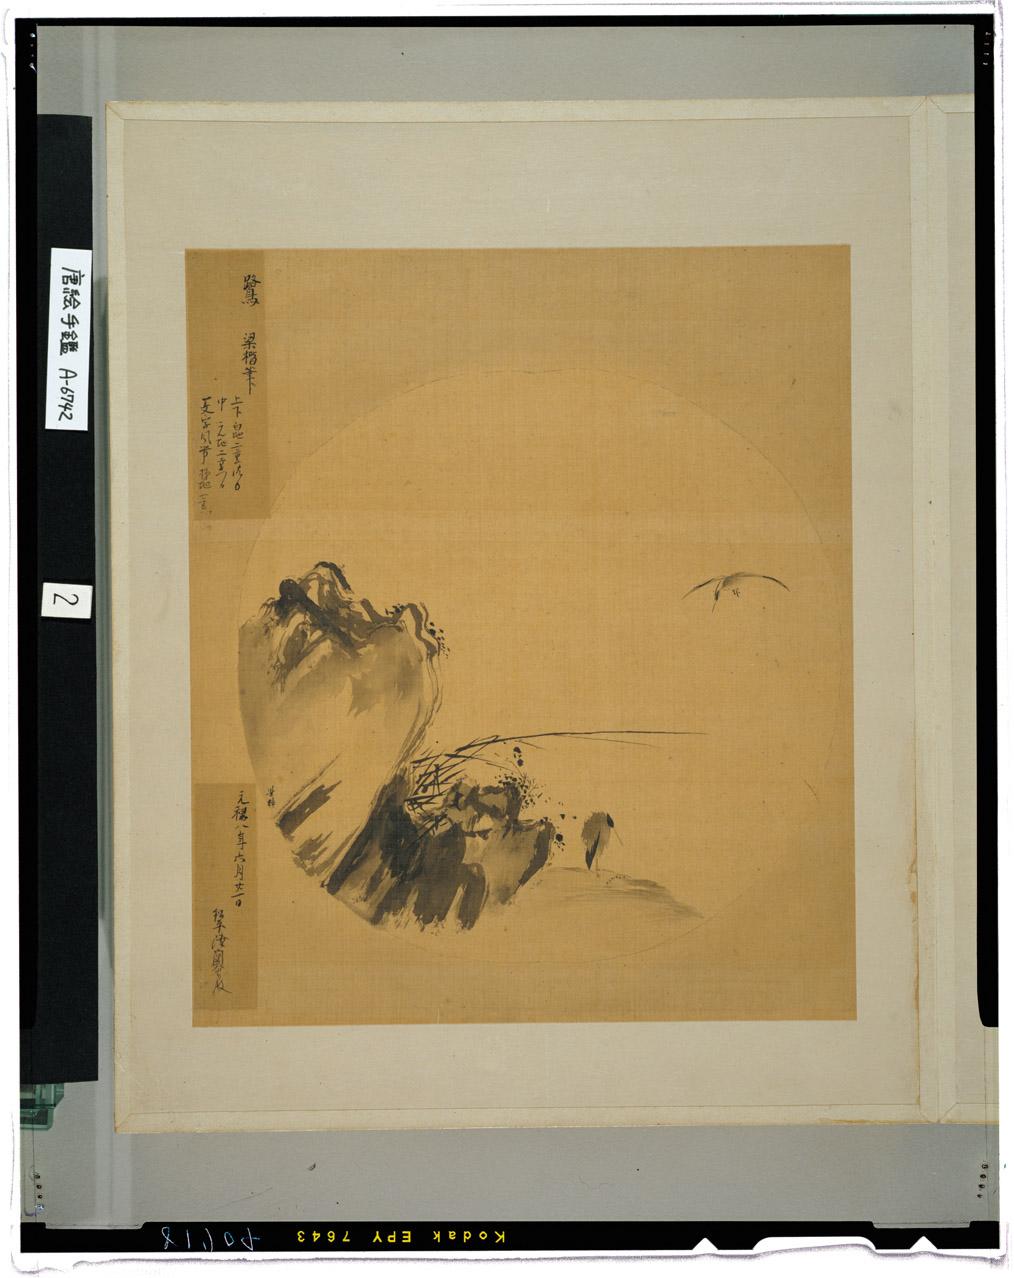 唐絵手鑑 画像番号:  東京国立博物館 画像検索